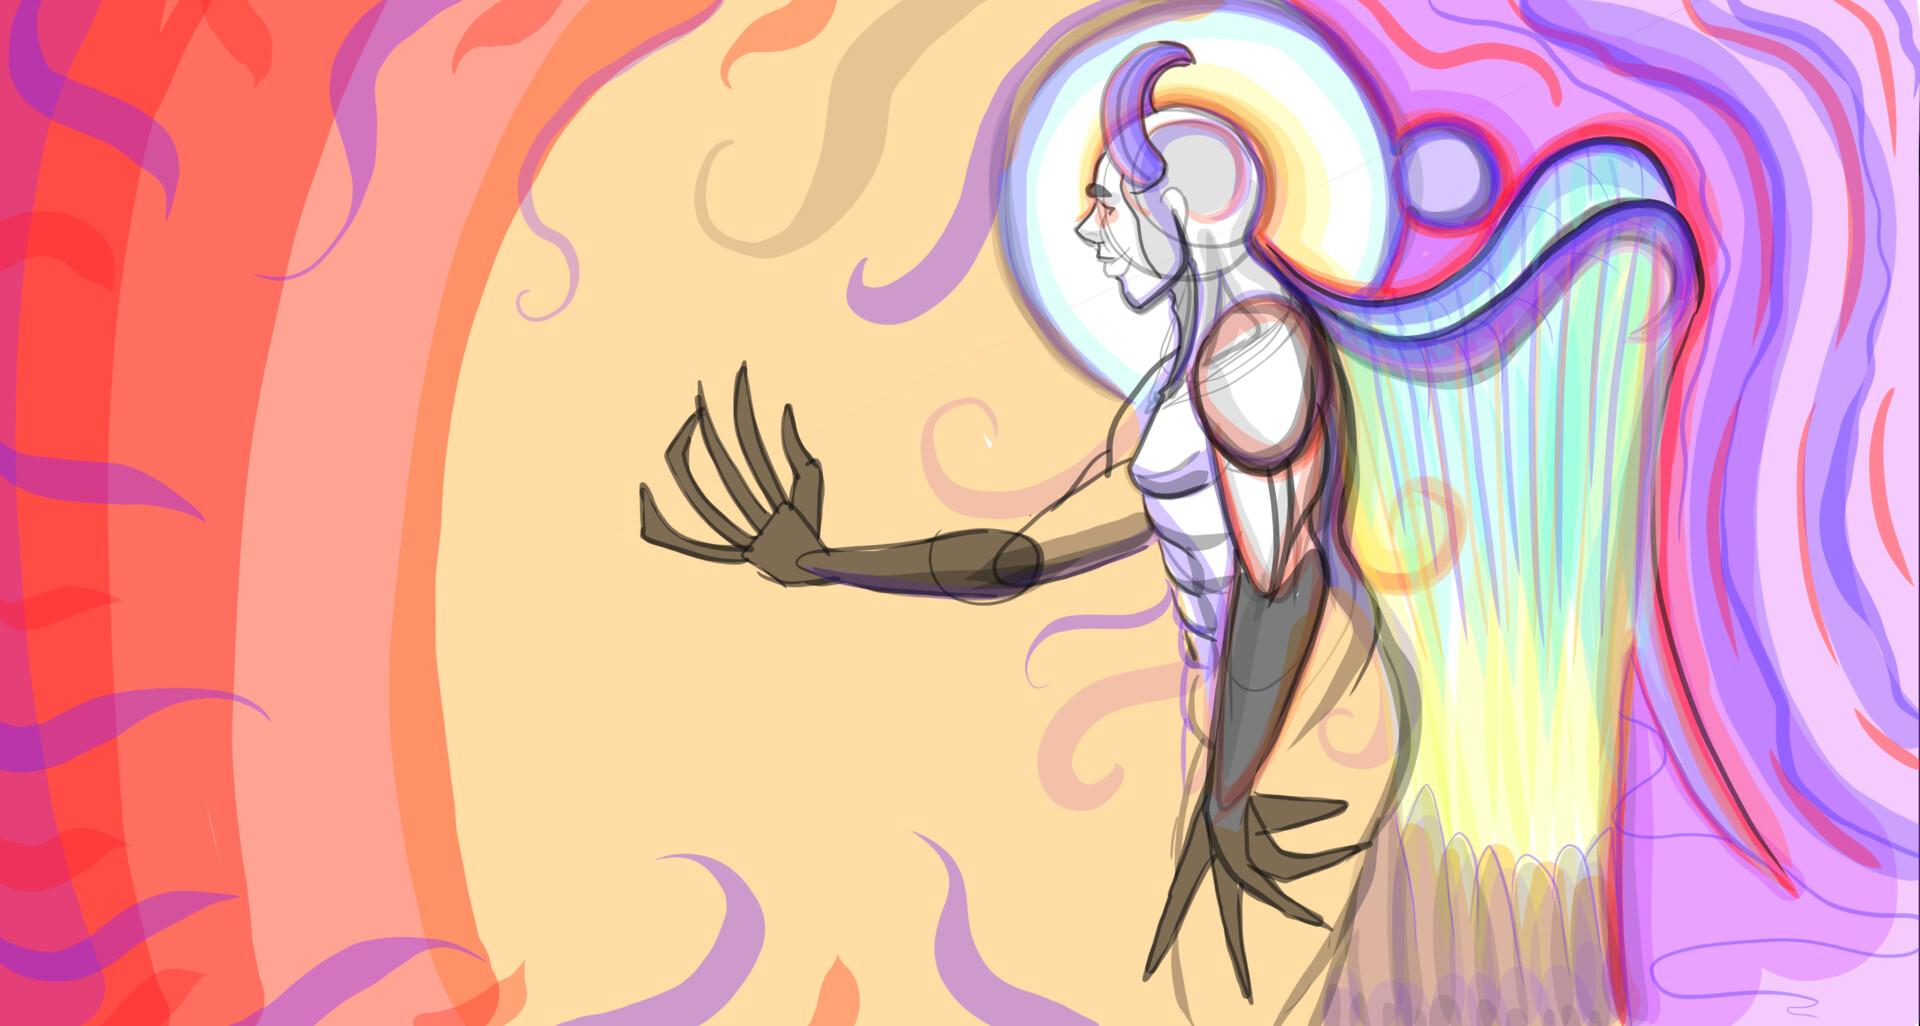 psy demon angel